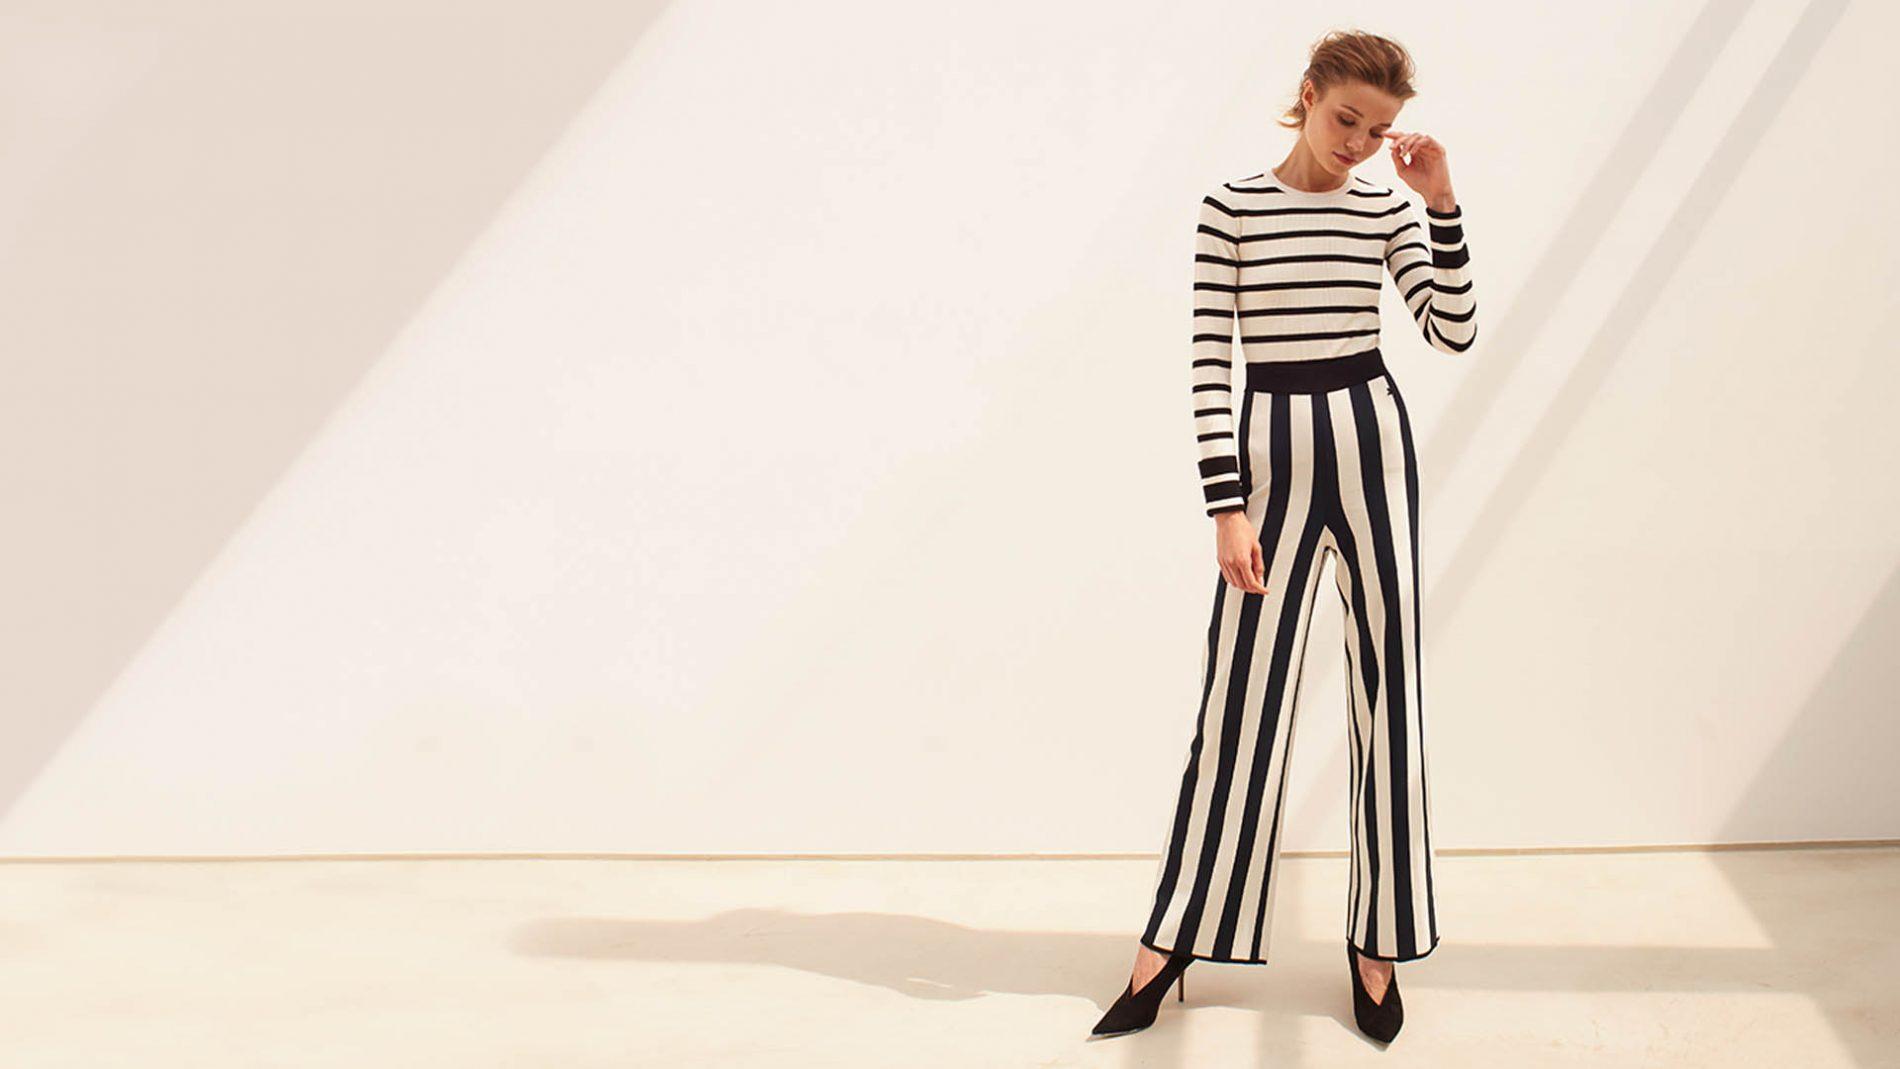 El Corte Inglés Ready-To-Wear Designer Shoes Celine Courreges